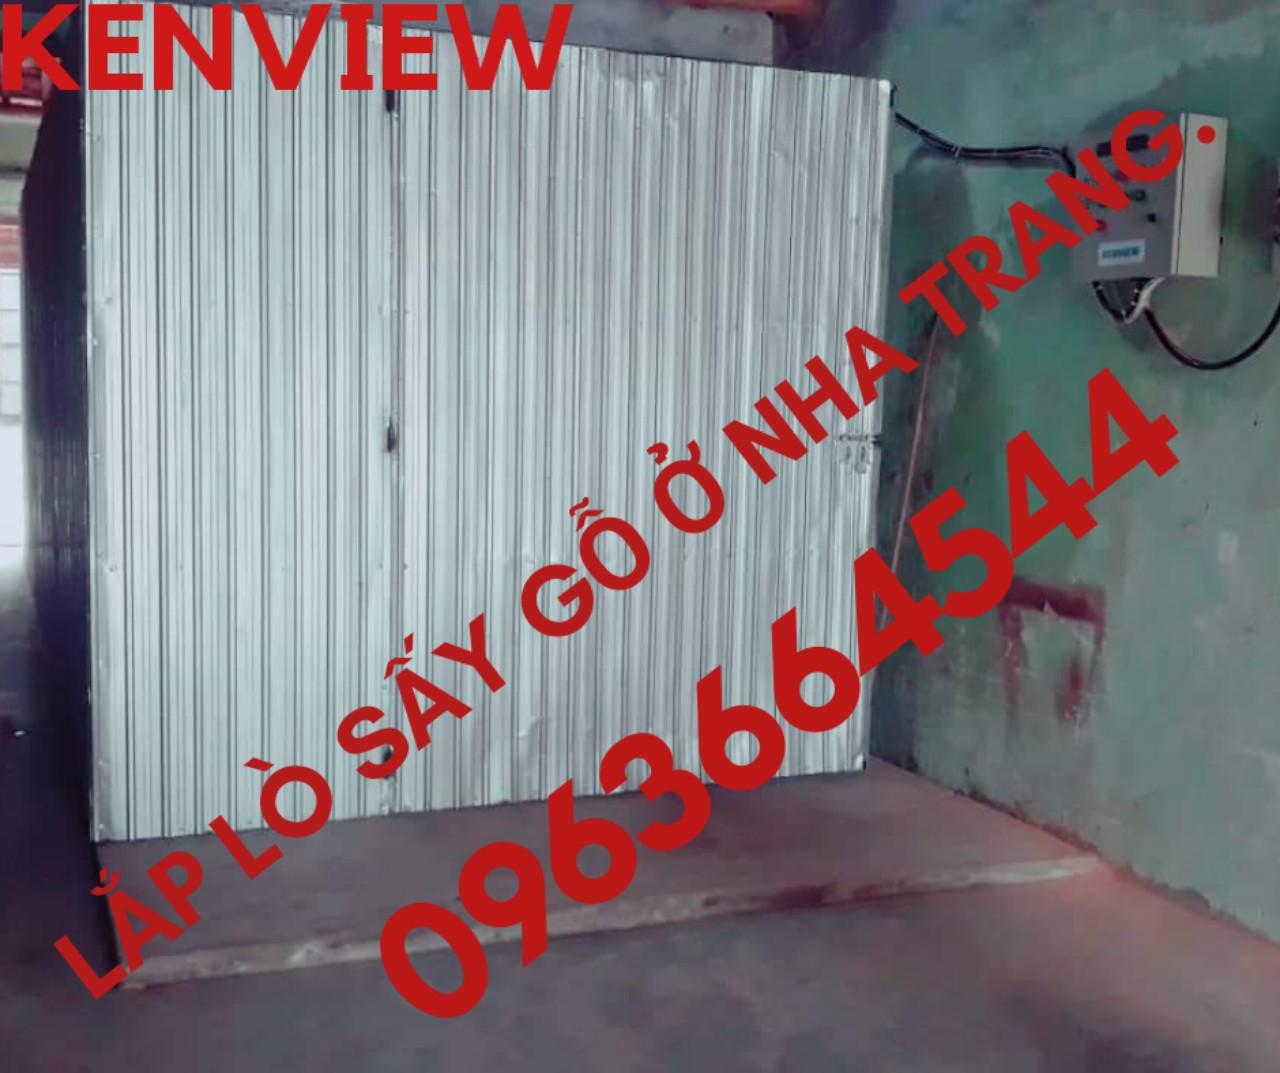 Chuyên lắp lò sấy gỗ chất lượng, chính hãng giá rẻ 0963664544